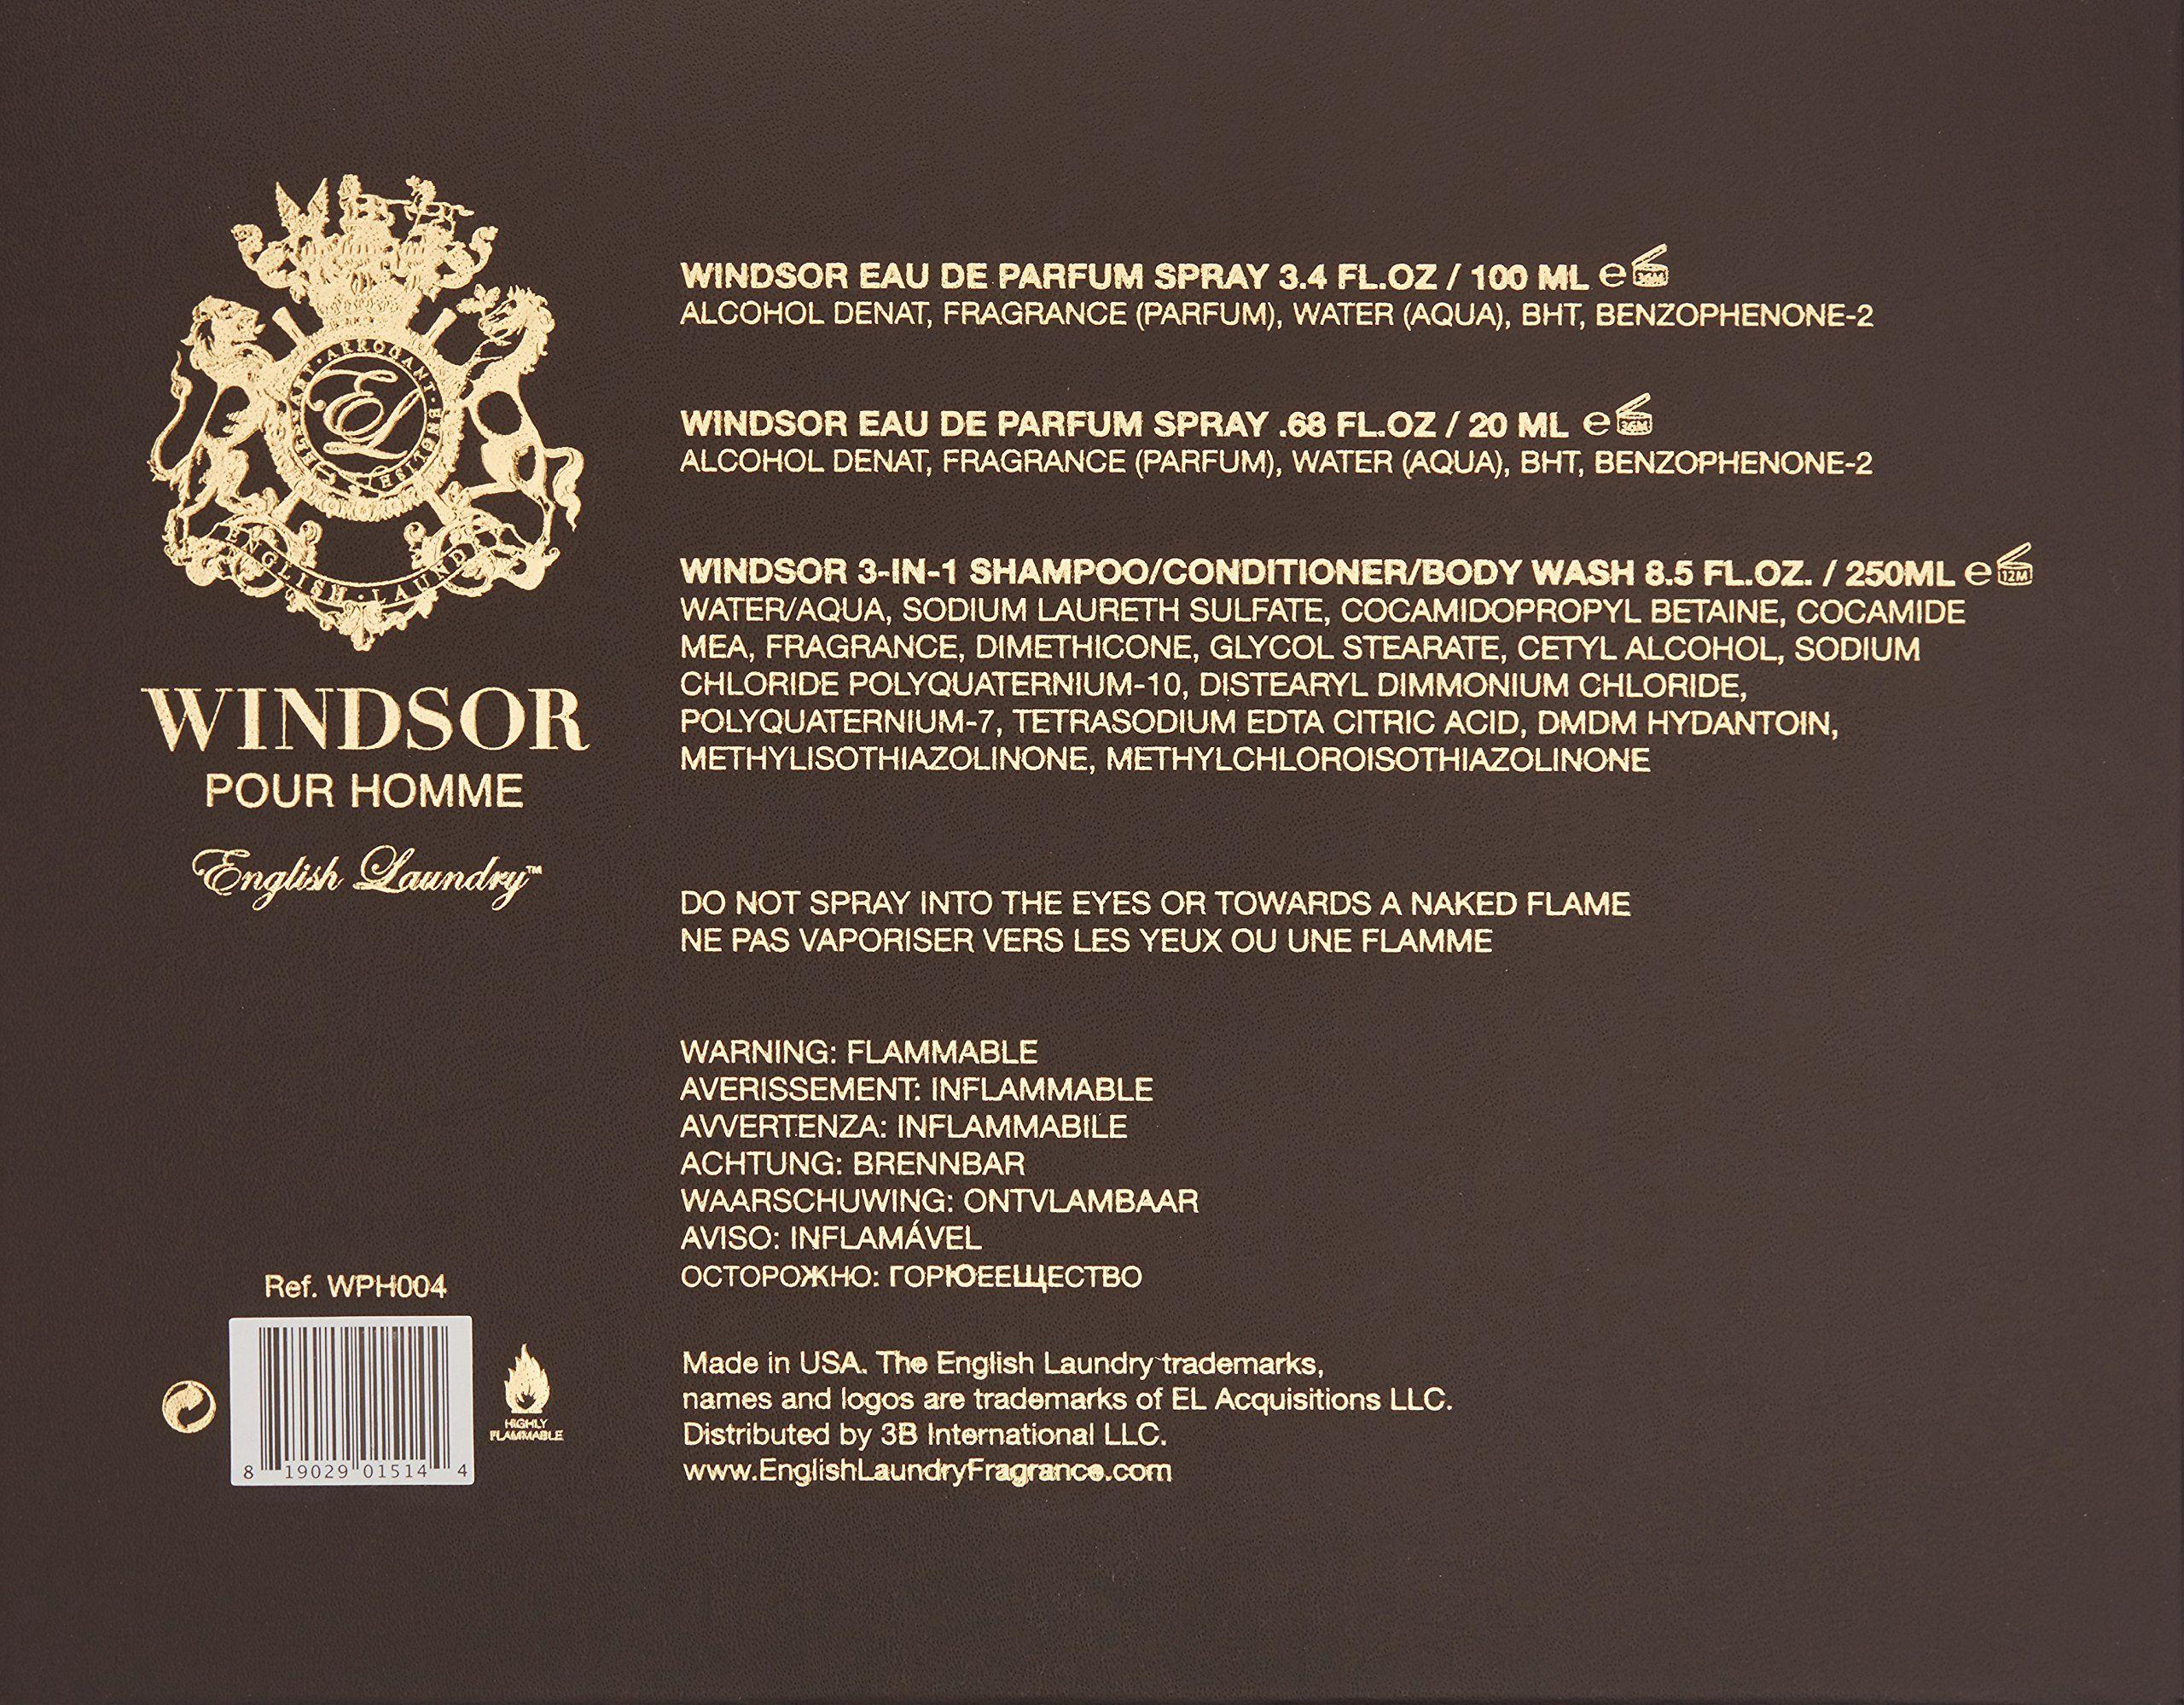 English Laundry Windsor Pour Homme Eau De Parfum Spray Fragrance